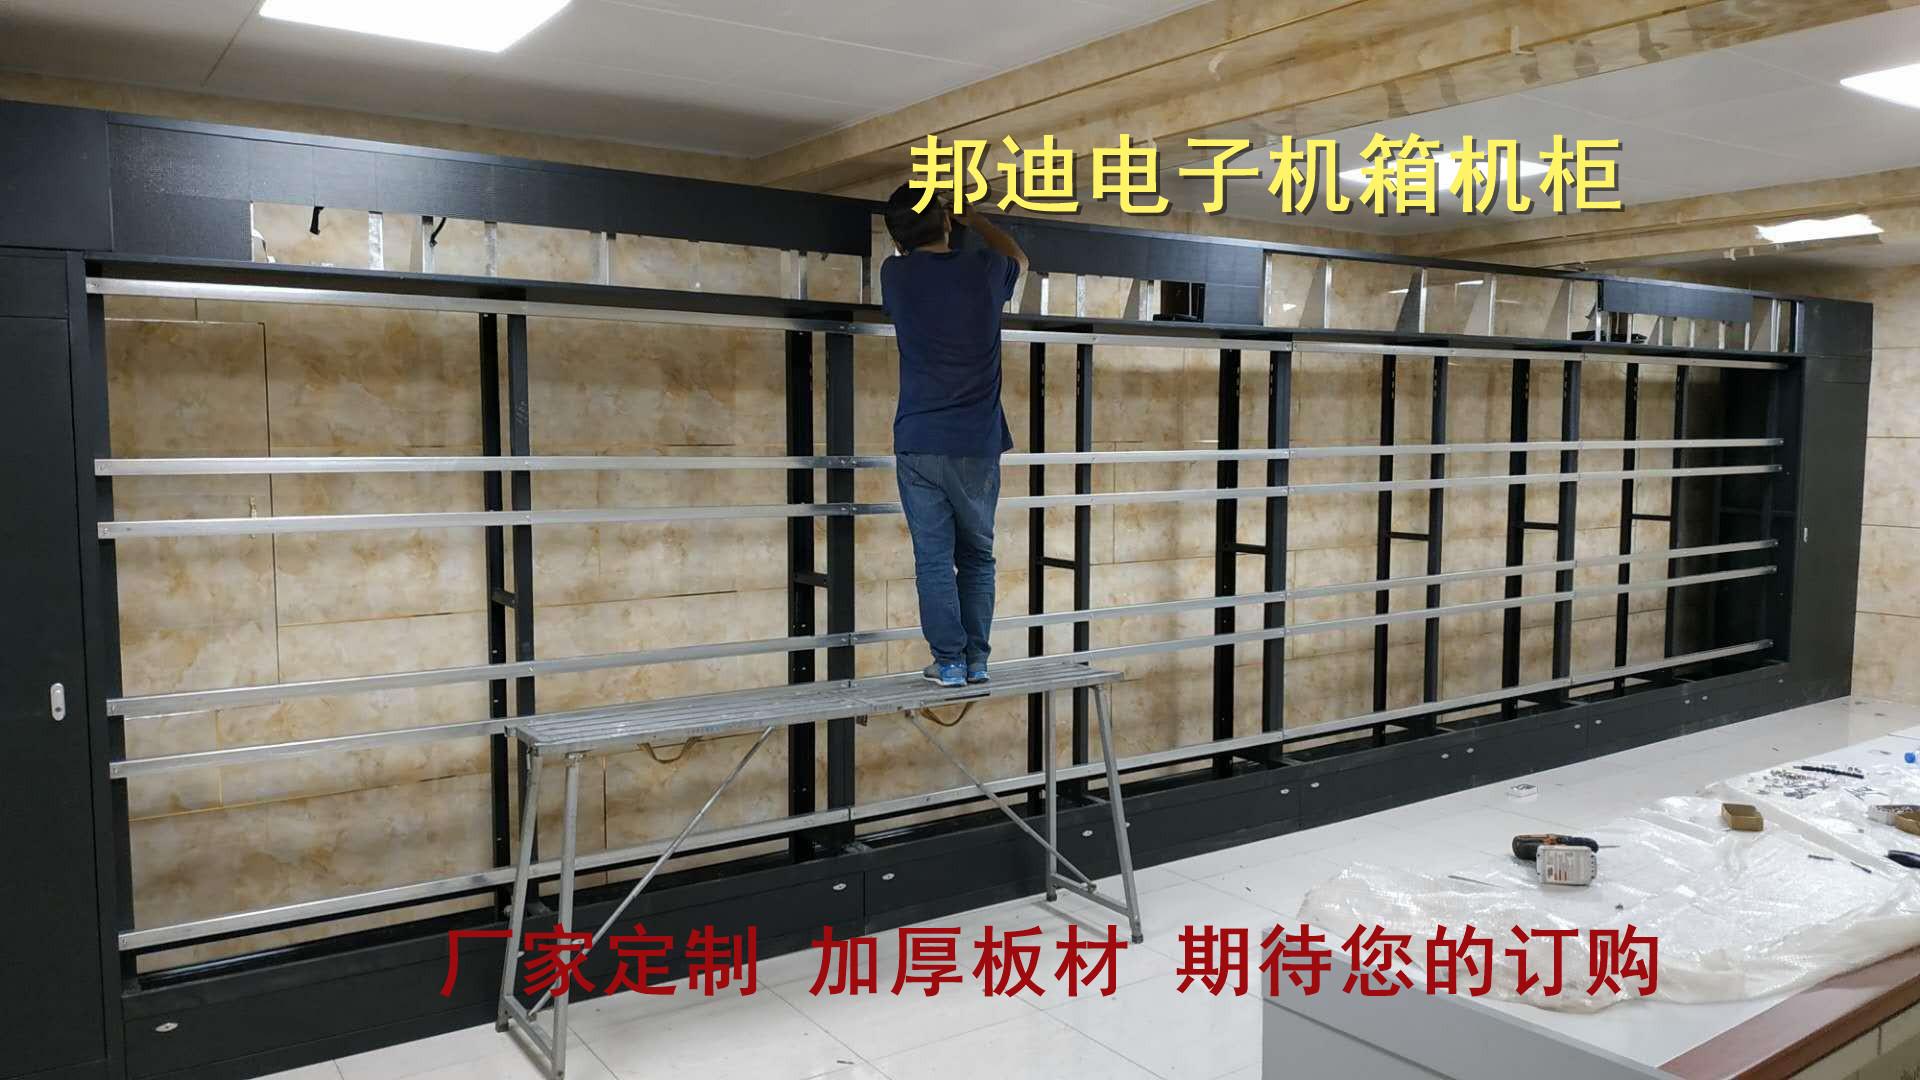 Настенный шкаф для видеонаблюдения 46-дюймовый настенный кронштейн Haikang на заказ утепленный Настенный шкаф для настенного монтажа